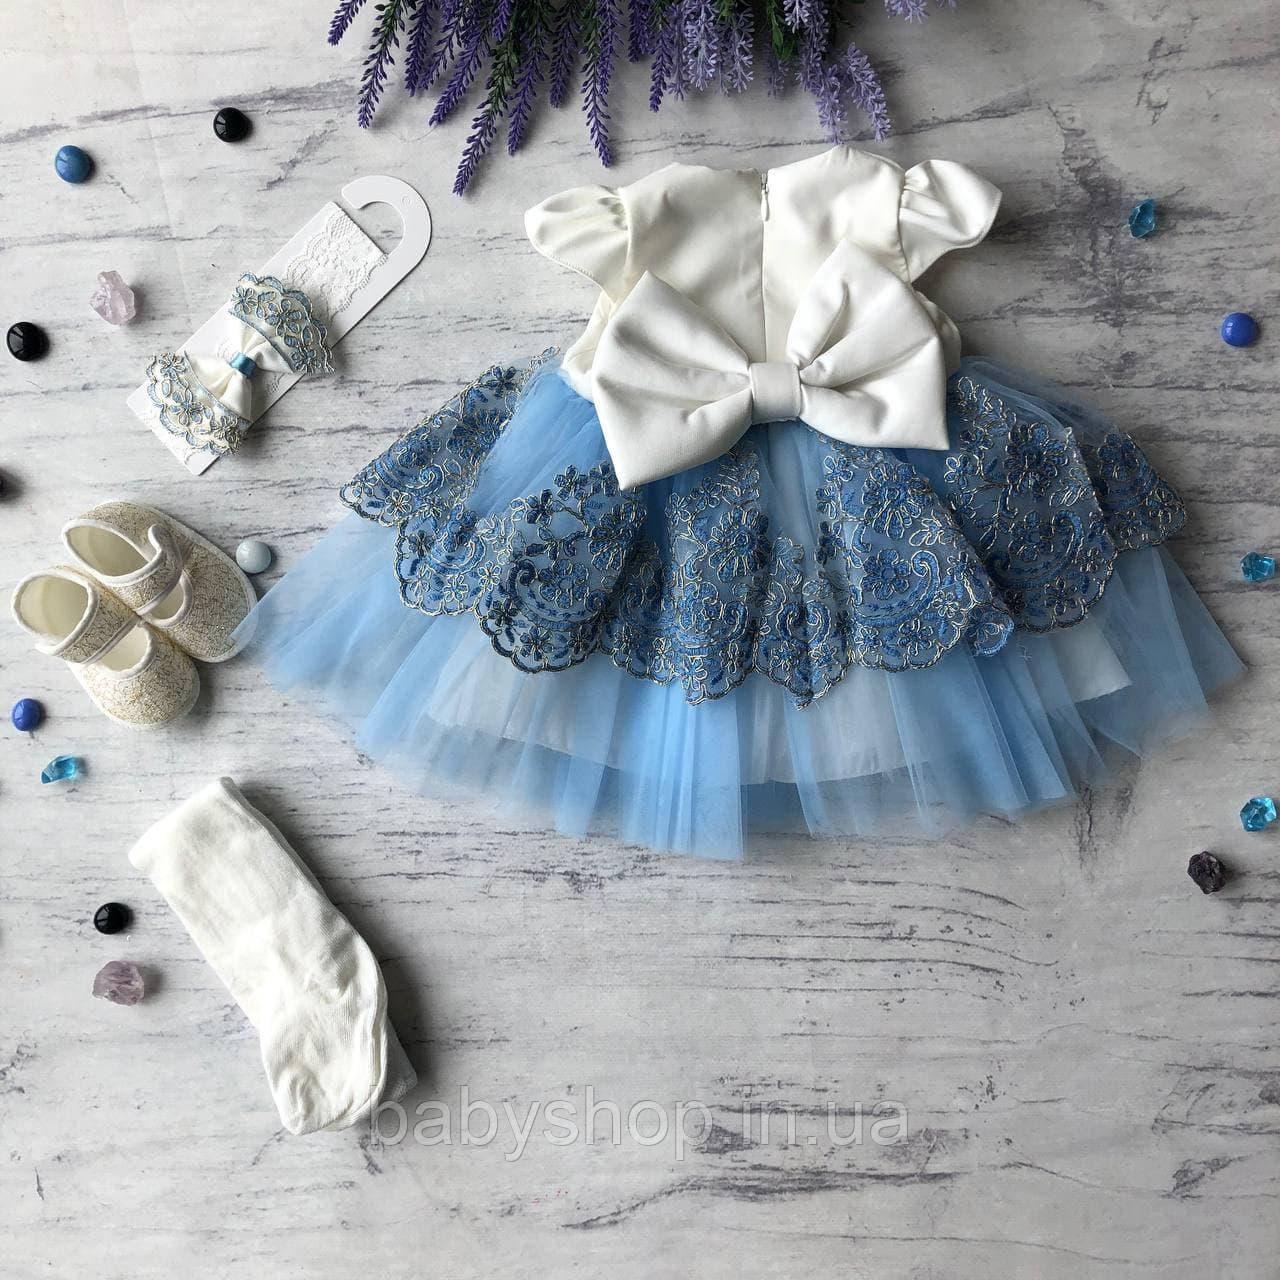 Святковий набір, плаття на дівчинку, хрестильне плаття на дівчинку 29. Розміри 62 см, 68 см